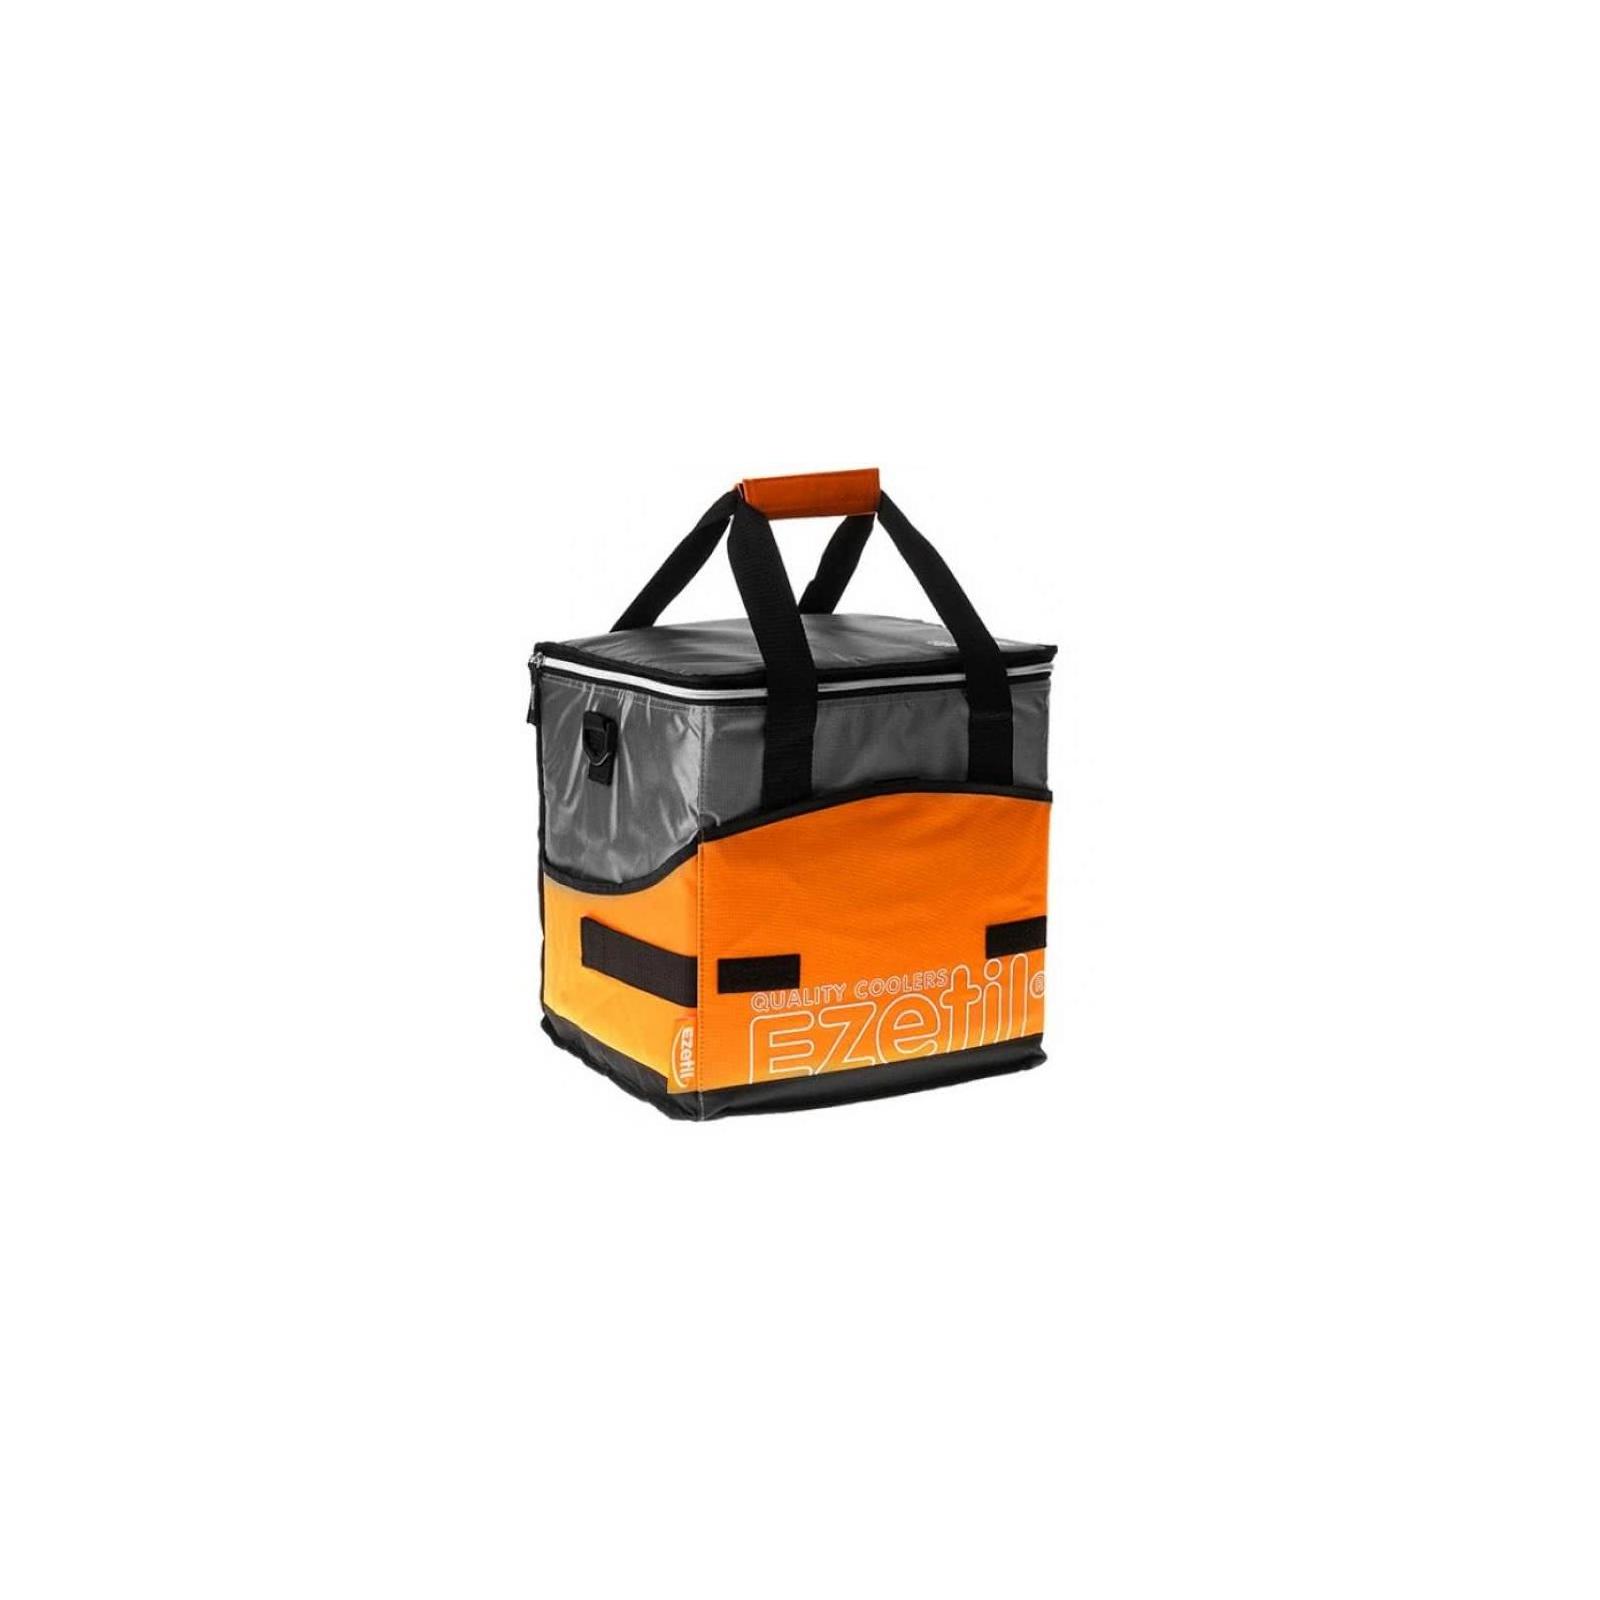 Термосумка Ezetil Extreme 28 л orange (4020716272689ORANGE)